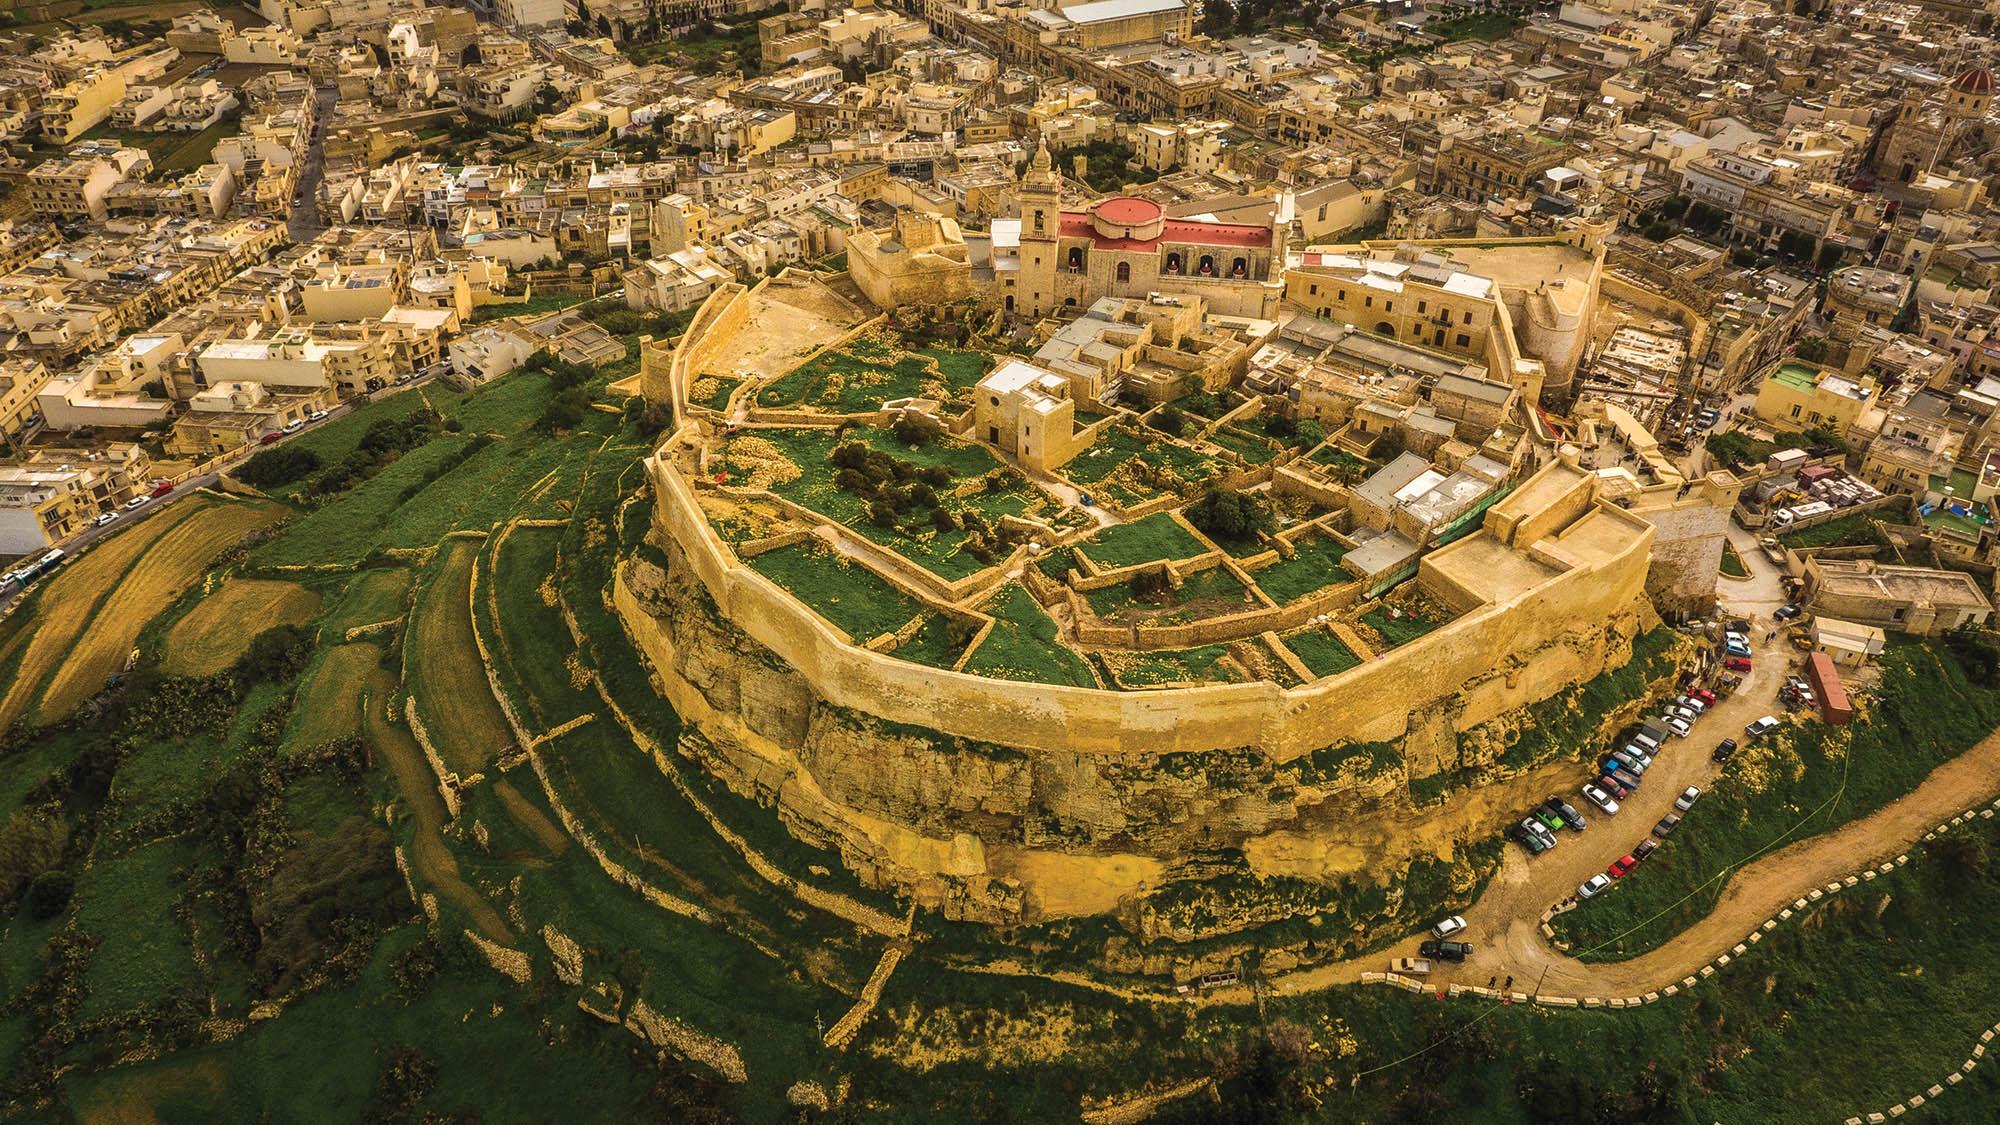 Цитадель на острові Гозо була центром життя на Гозо ще з часів неоліту. Та такою, як ми її бачимо сьогодні, вона стала півтори тисячі років тому, за часів фінікійців а потім і римлян. Зараз на території Цитаделі музеї, залишки будівель, центральна площа, розкішний Кафедральний собор, приміщення суду